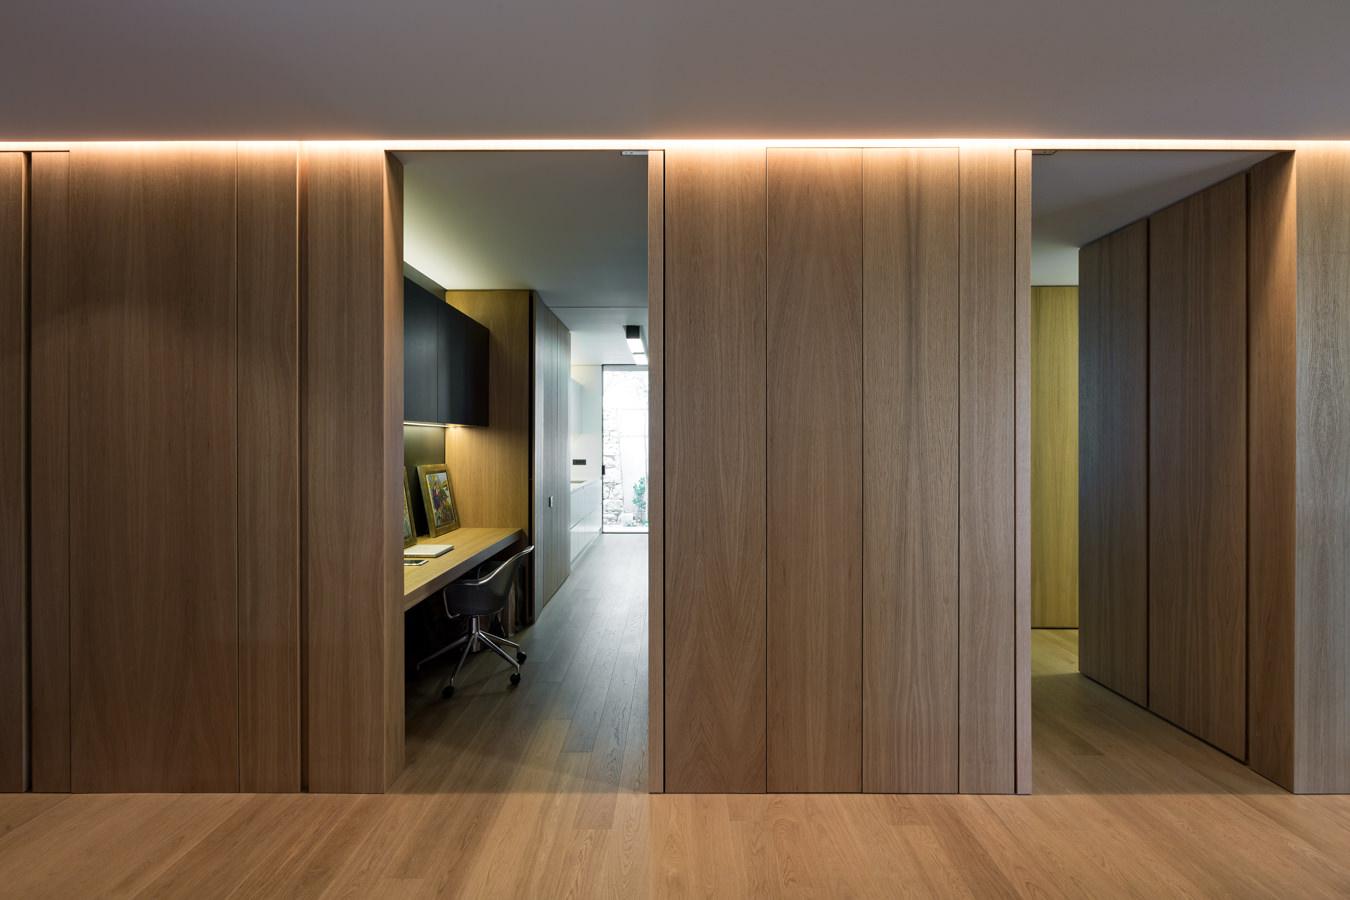 Residence in Politeia, Γιώργος Φάκαρος - Αρχιτεκτονική Φωτογραφία | Εσωτερικοί Χώροι | Φωτογραφία Ξενοδοχειών - Photography / Φωτογραφία